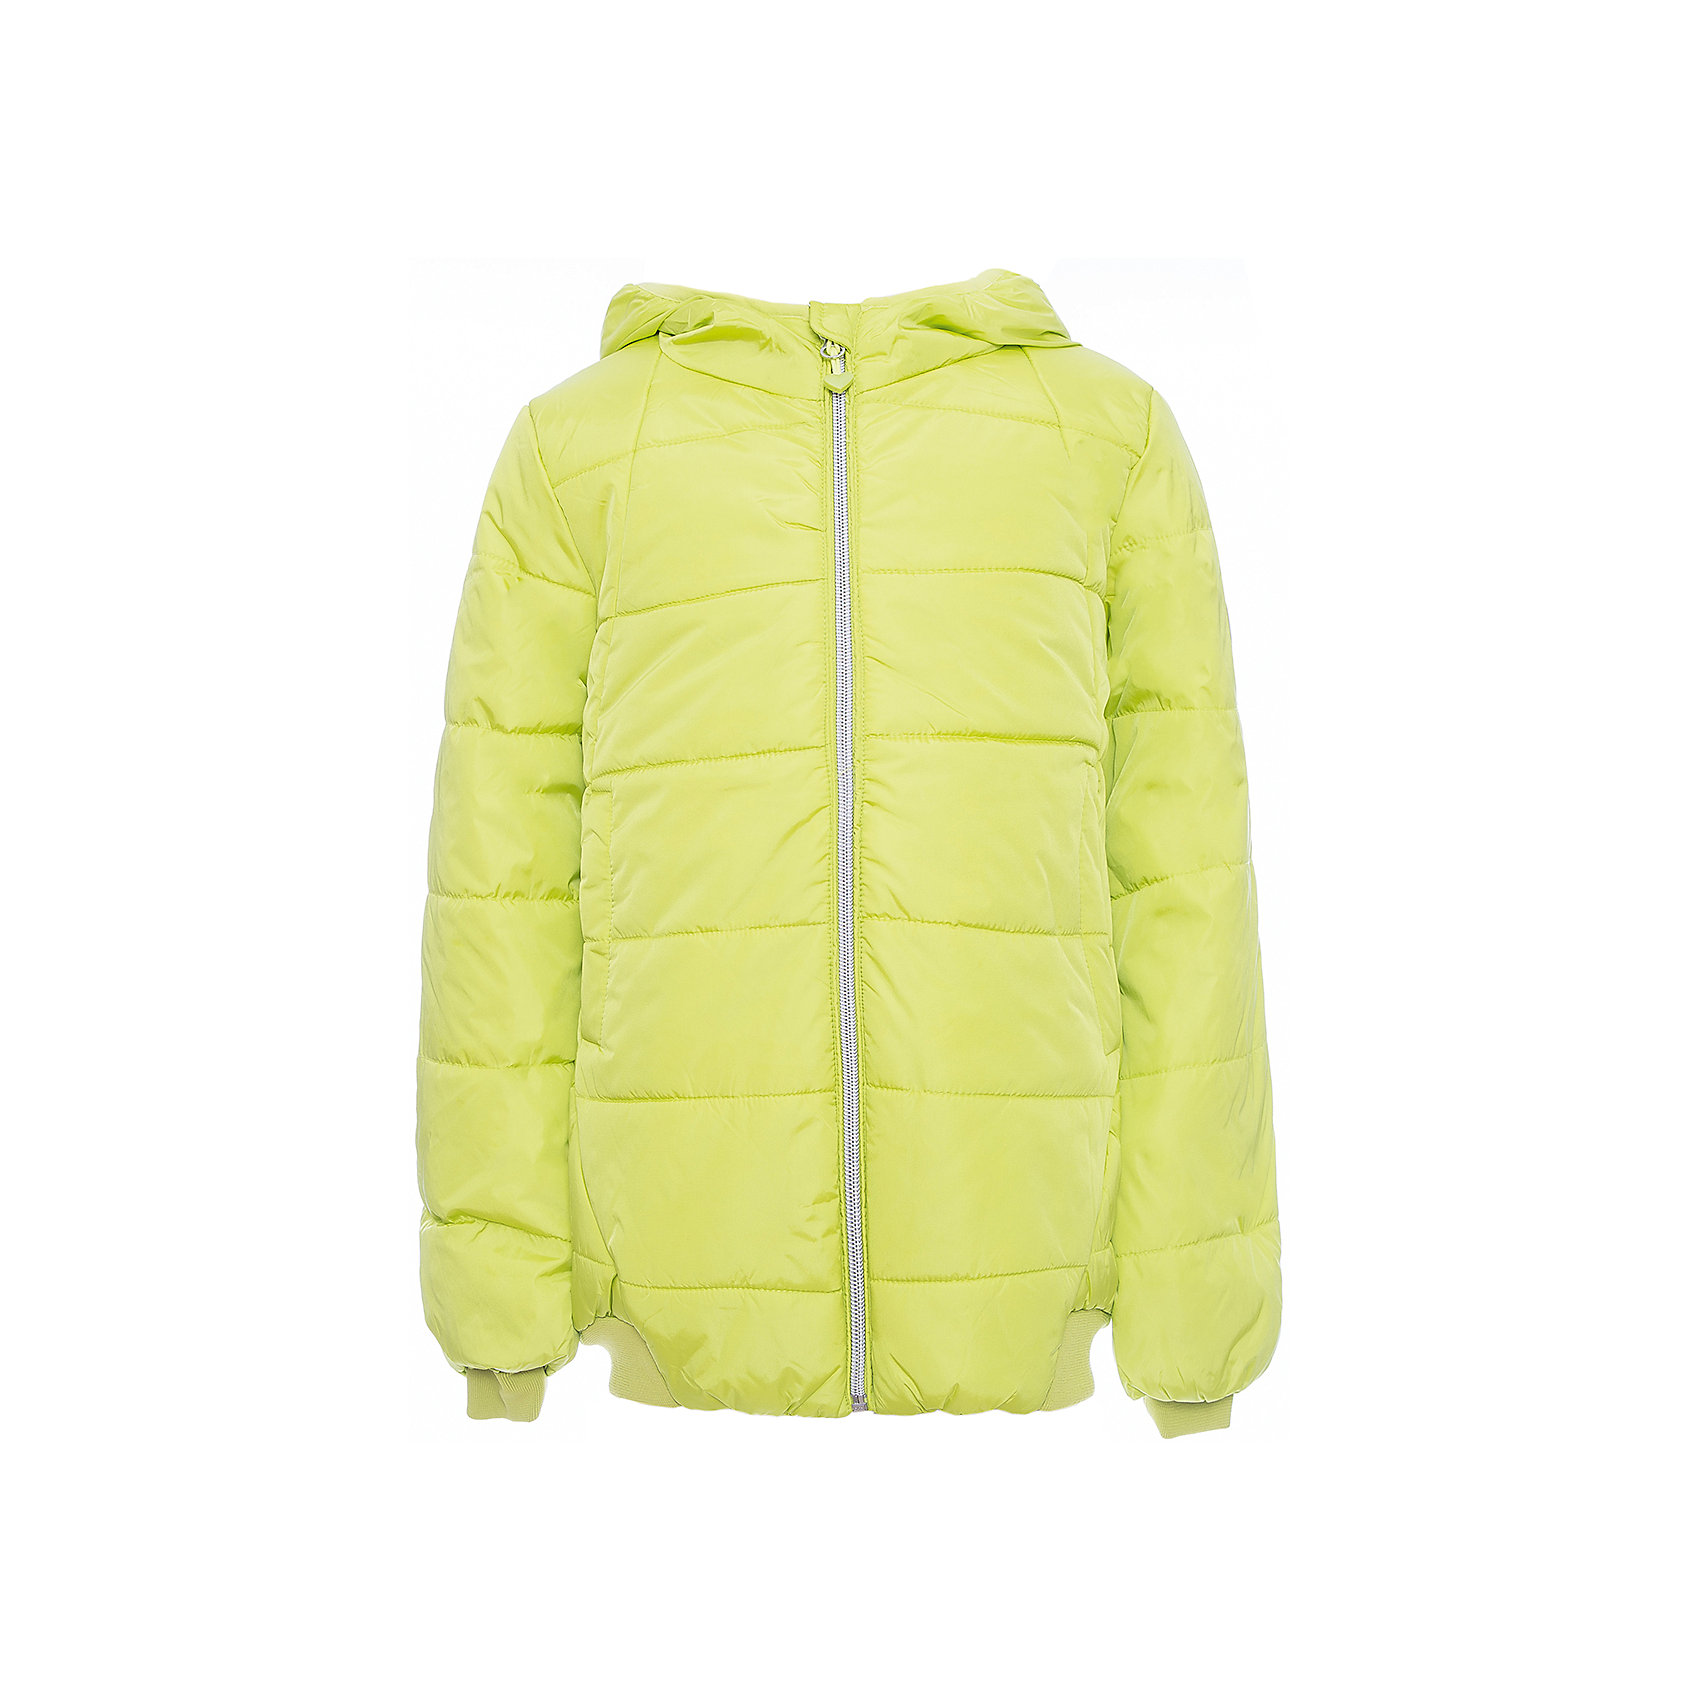 Куртка Scool для девочкиВерхняя одежда<br>Характеристики товара:<br><br>• цвет: желтый;<br>• состав: 100% нейлон;<br>• подкладка: 100% полиэстер;<br>• утеплитель: 100% полиэстер, 260 г/м2;<br>• сезон: зима;<br>• температурный режим: от 0 до -20С;<br>• водоотталкивающая пропитка;<br>• застежка: молния с защитой подбородка;<br>• капюшон не съемный;<br>• мягкая резинка по кромке капюшона;<br>• манжеты и низ куртки на плотной трикотажной резинке;<br>• два кармана на кнопках;<br>• светоотражающие детали;<br>• коллекция: городские огни;<br>• страна бренда: Германия;<br>• страна изготовитель: Китай.<br><br>Куртка Scool для девочки. Утепленная куртка с капюшоном яркого сочного цвета - хорошее решение для периода смены сезонов. Ткань с водоотталкивающей пропиткой. Капюшон на мягкой резинке, даже во время активных игр капюшон не упадет с головы ребенка. Куртка дополнена вшивными карманами на кнопках. Низ и манжеты куртки на плотной трикотажной резинке. Светоотражатели обеспечат видимость ребенка в темное время суток.<br><br>Куртку Scool для девочки (Скул) можно купить в нашем интернет-магазине.<br><br>Ширина мм: 356<br>Глубина мм: 10<br>Высота мм: 245<br>Вес г: 519<br>Цвет: зеленый<br>Возраст от месяцев: 96<br>Возраст до месяцев: 108<br>Пол: Женский<br>Возраст: Детский<br>Размер: 134,164,158,152,146,140<br>SKU: 7105156